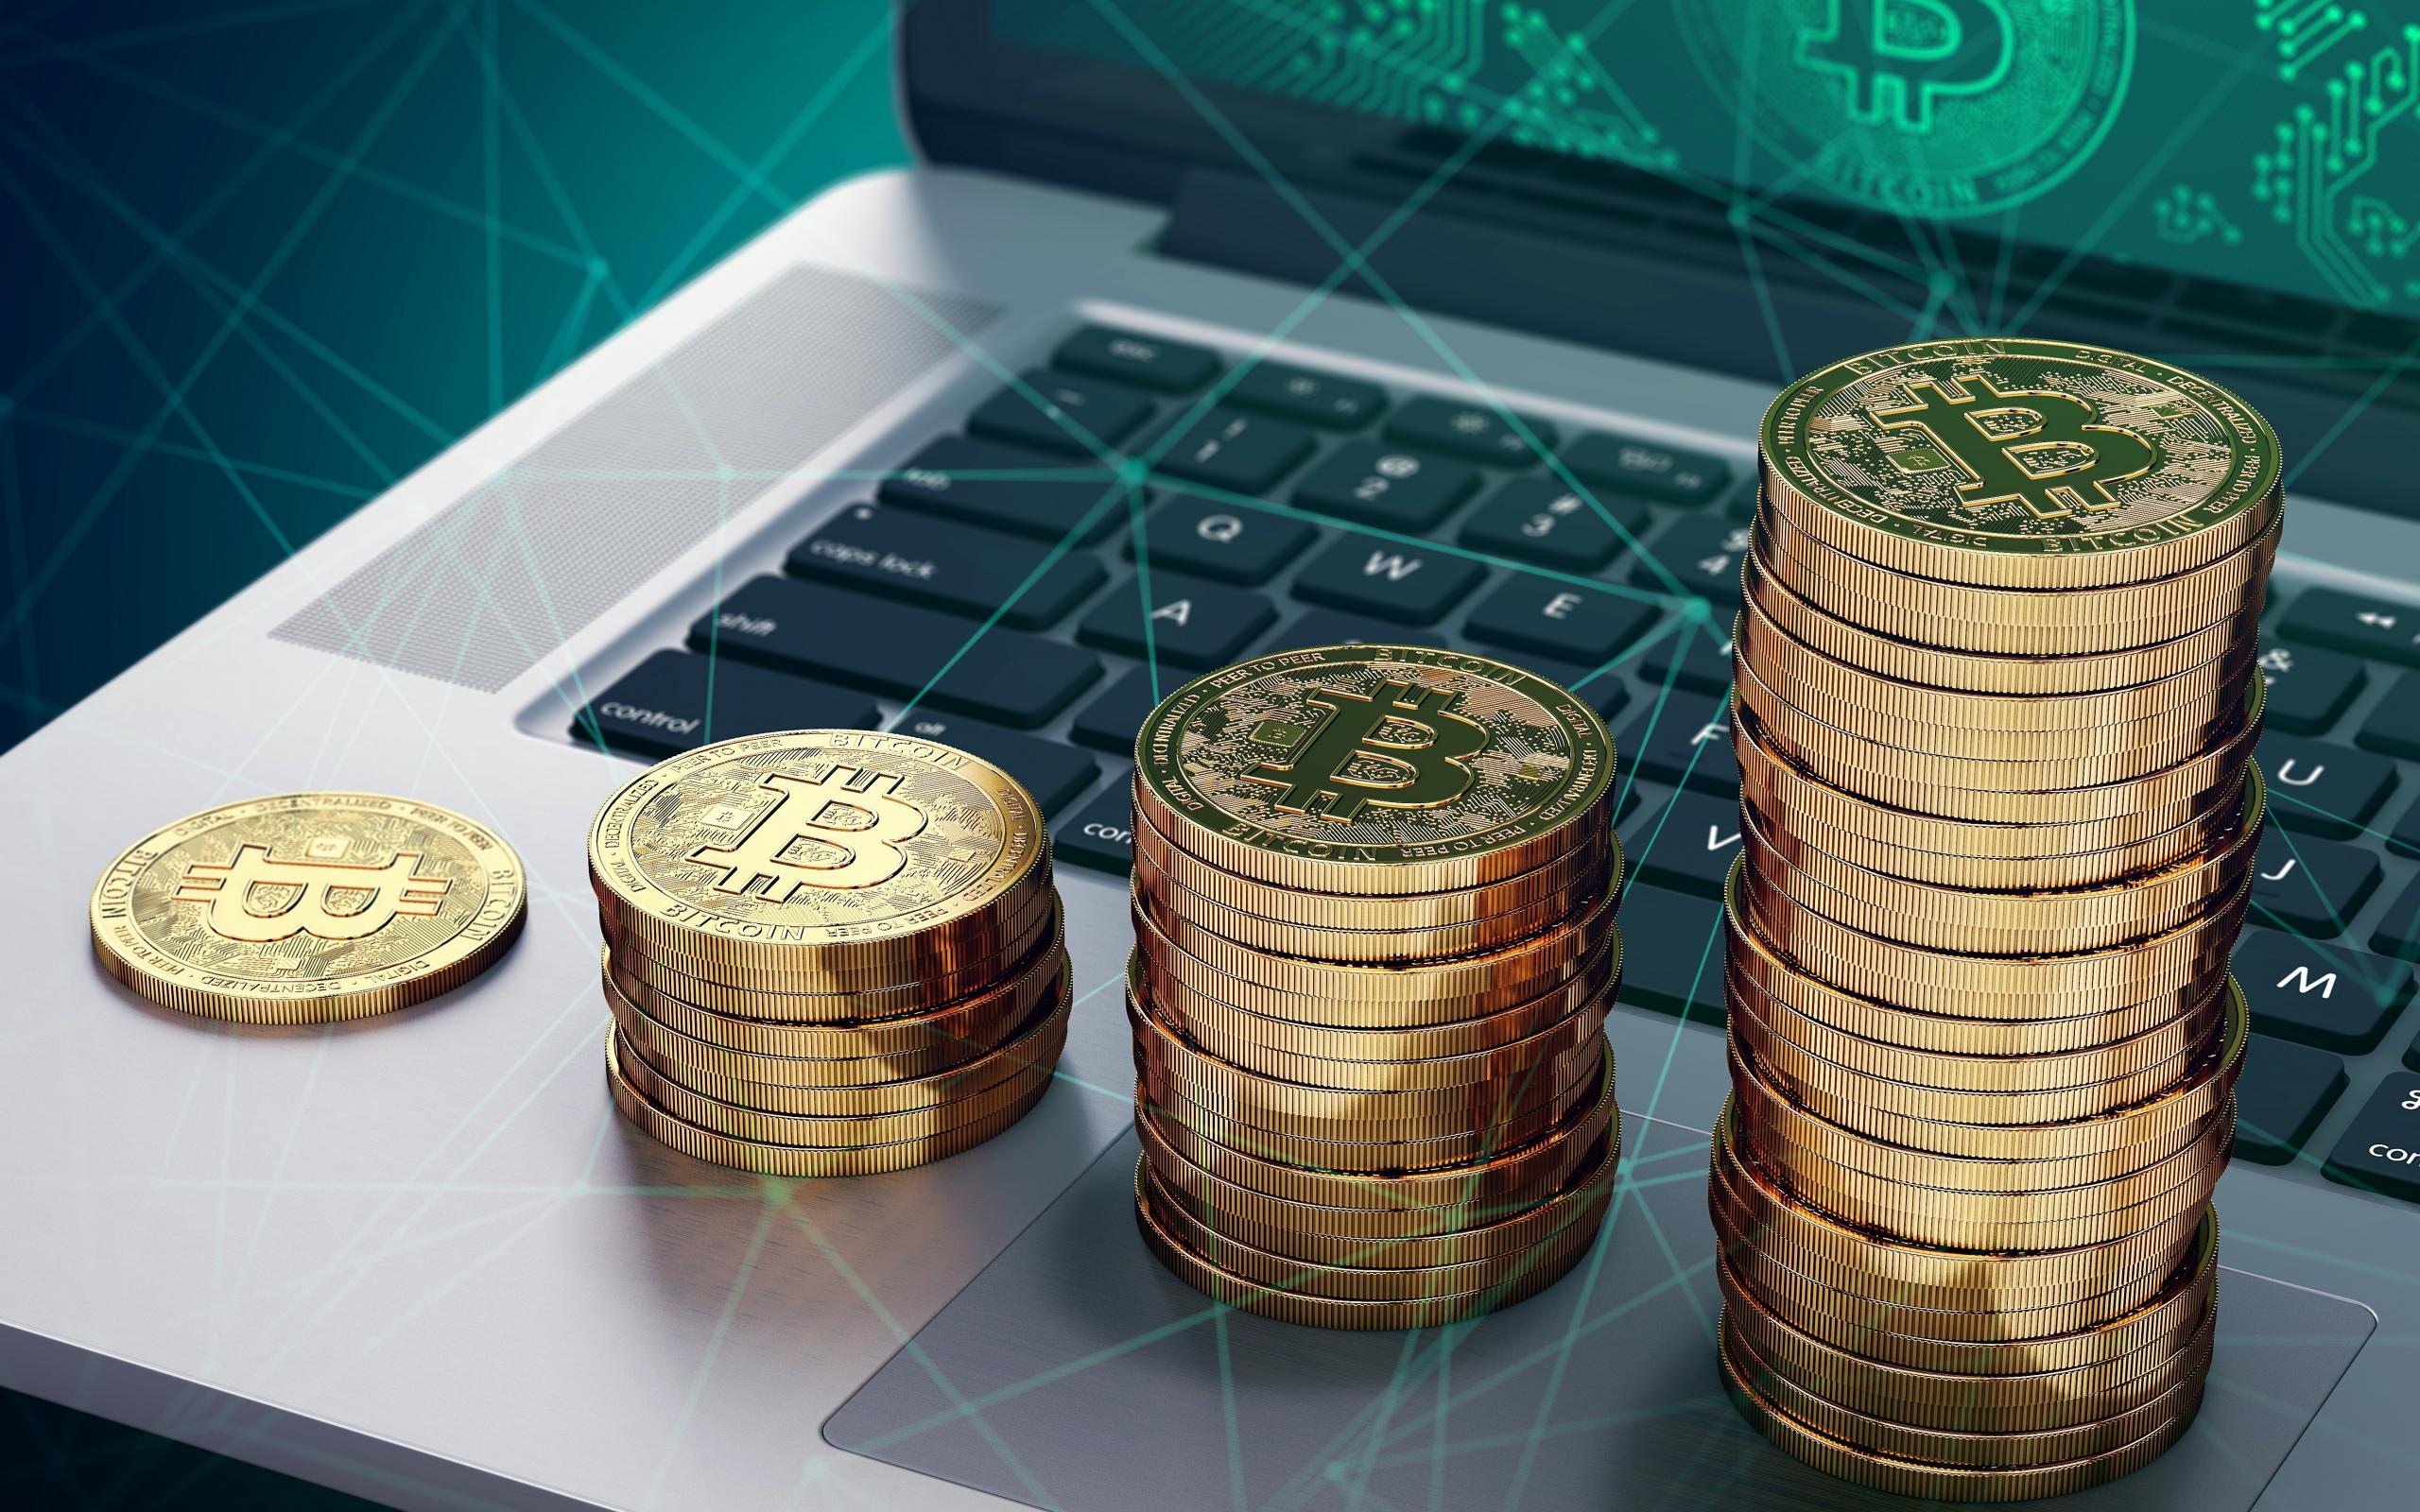 Crypto coins, Bitcoin, tech, 2560x1600 wallpaper